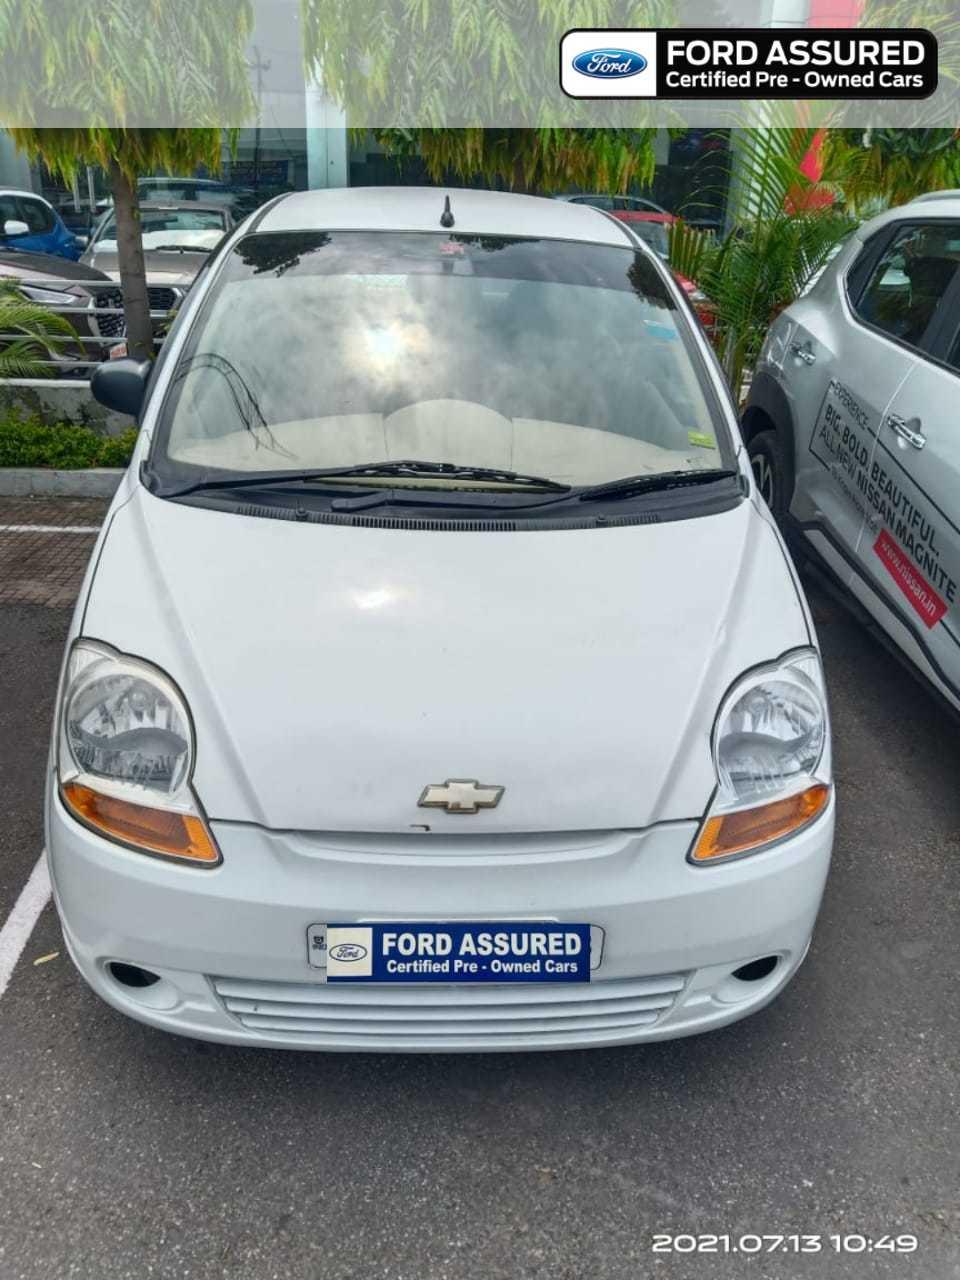 Chevrolet Spark 2007-2012 1.0